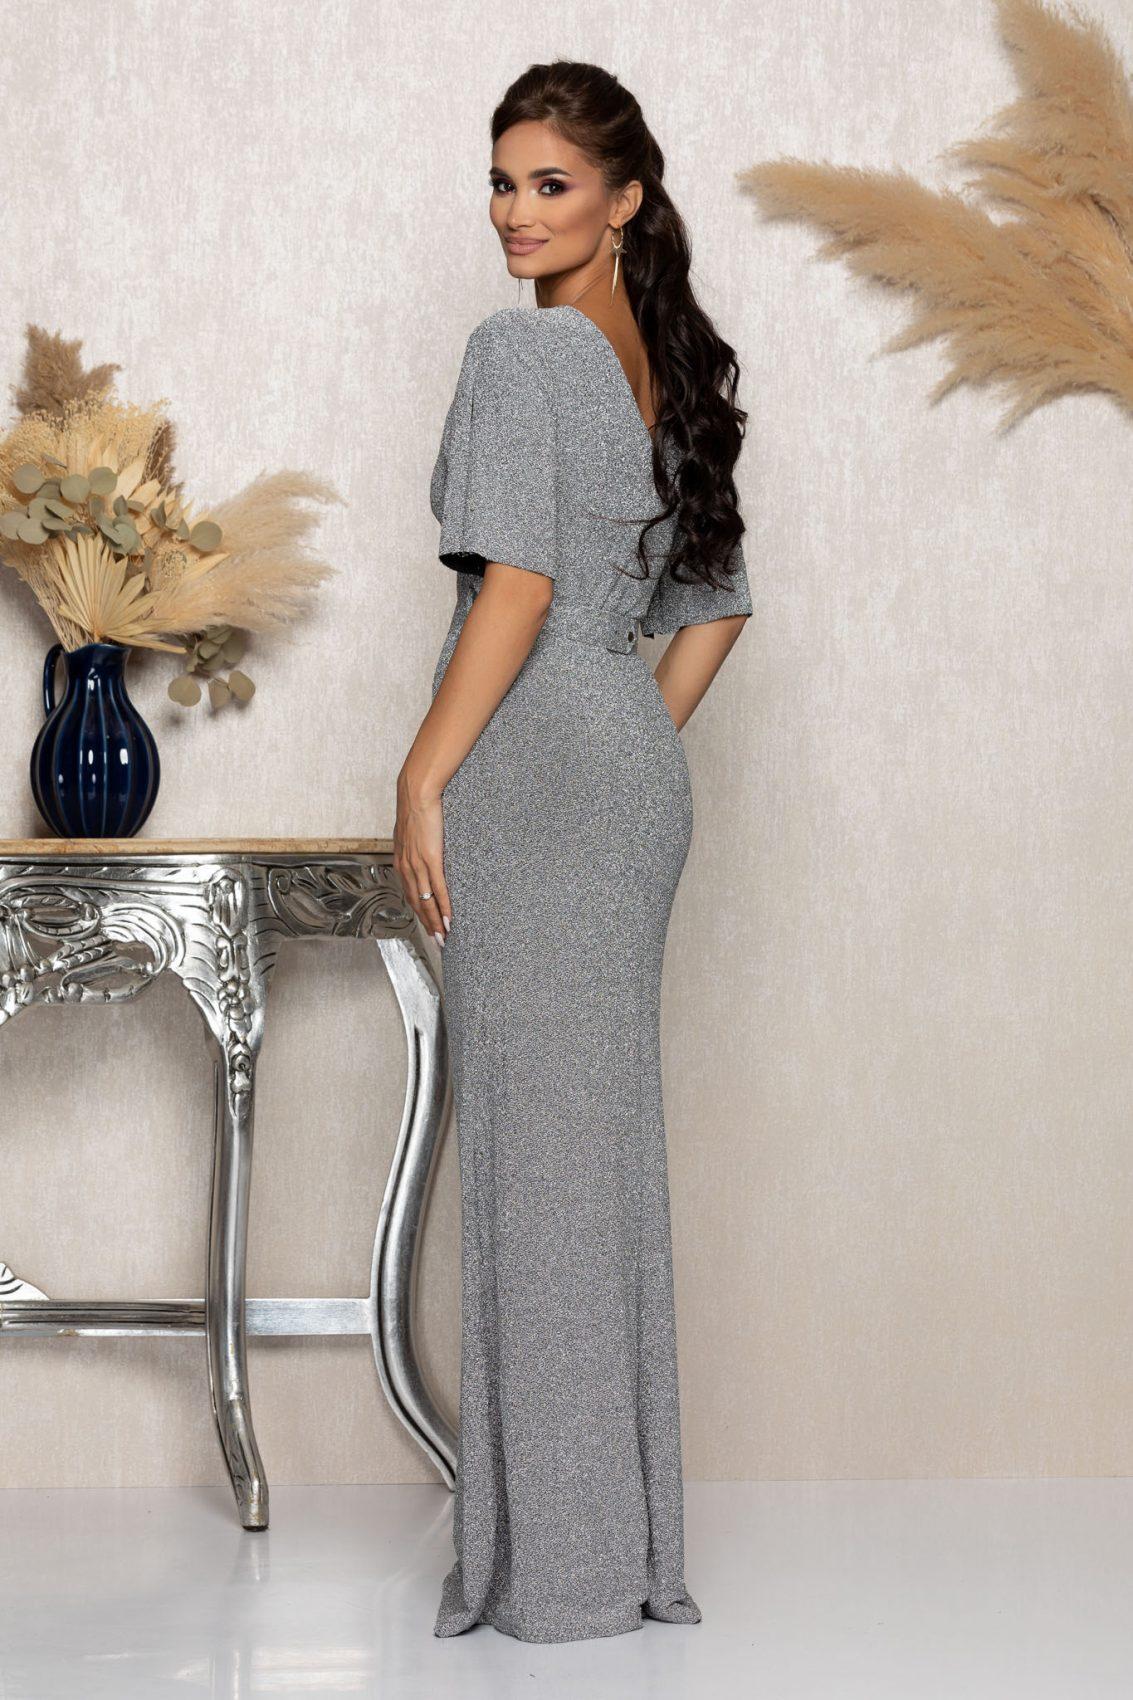 Ασημί Μάξι Αμπιγιέ Φόρεμα Με Ζώνη Tiarra A1038 2